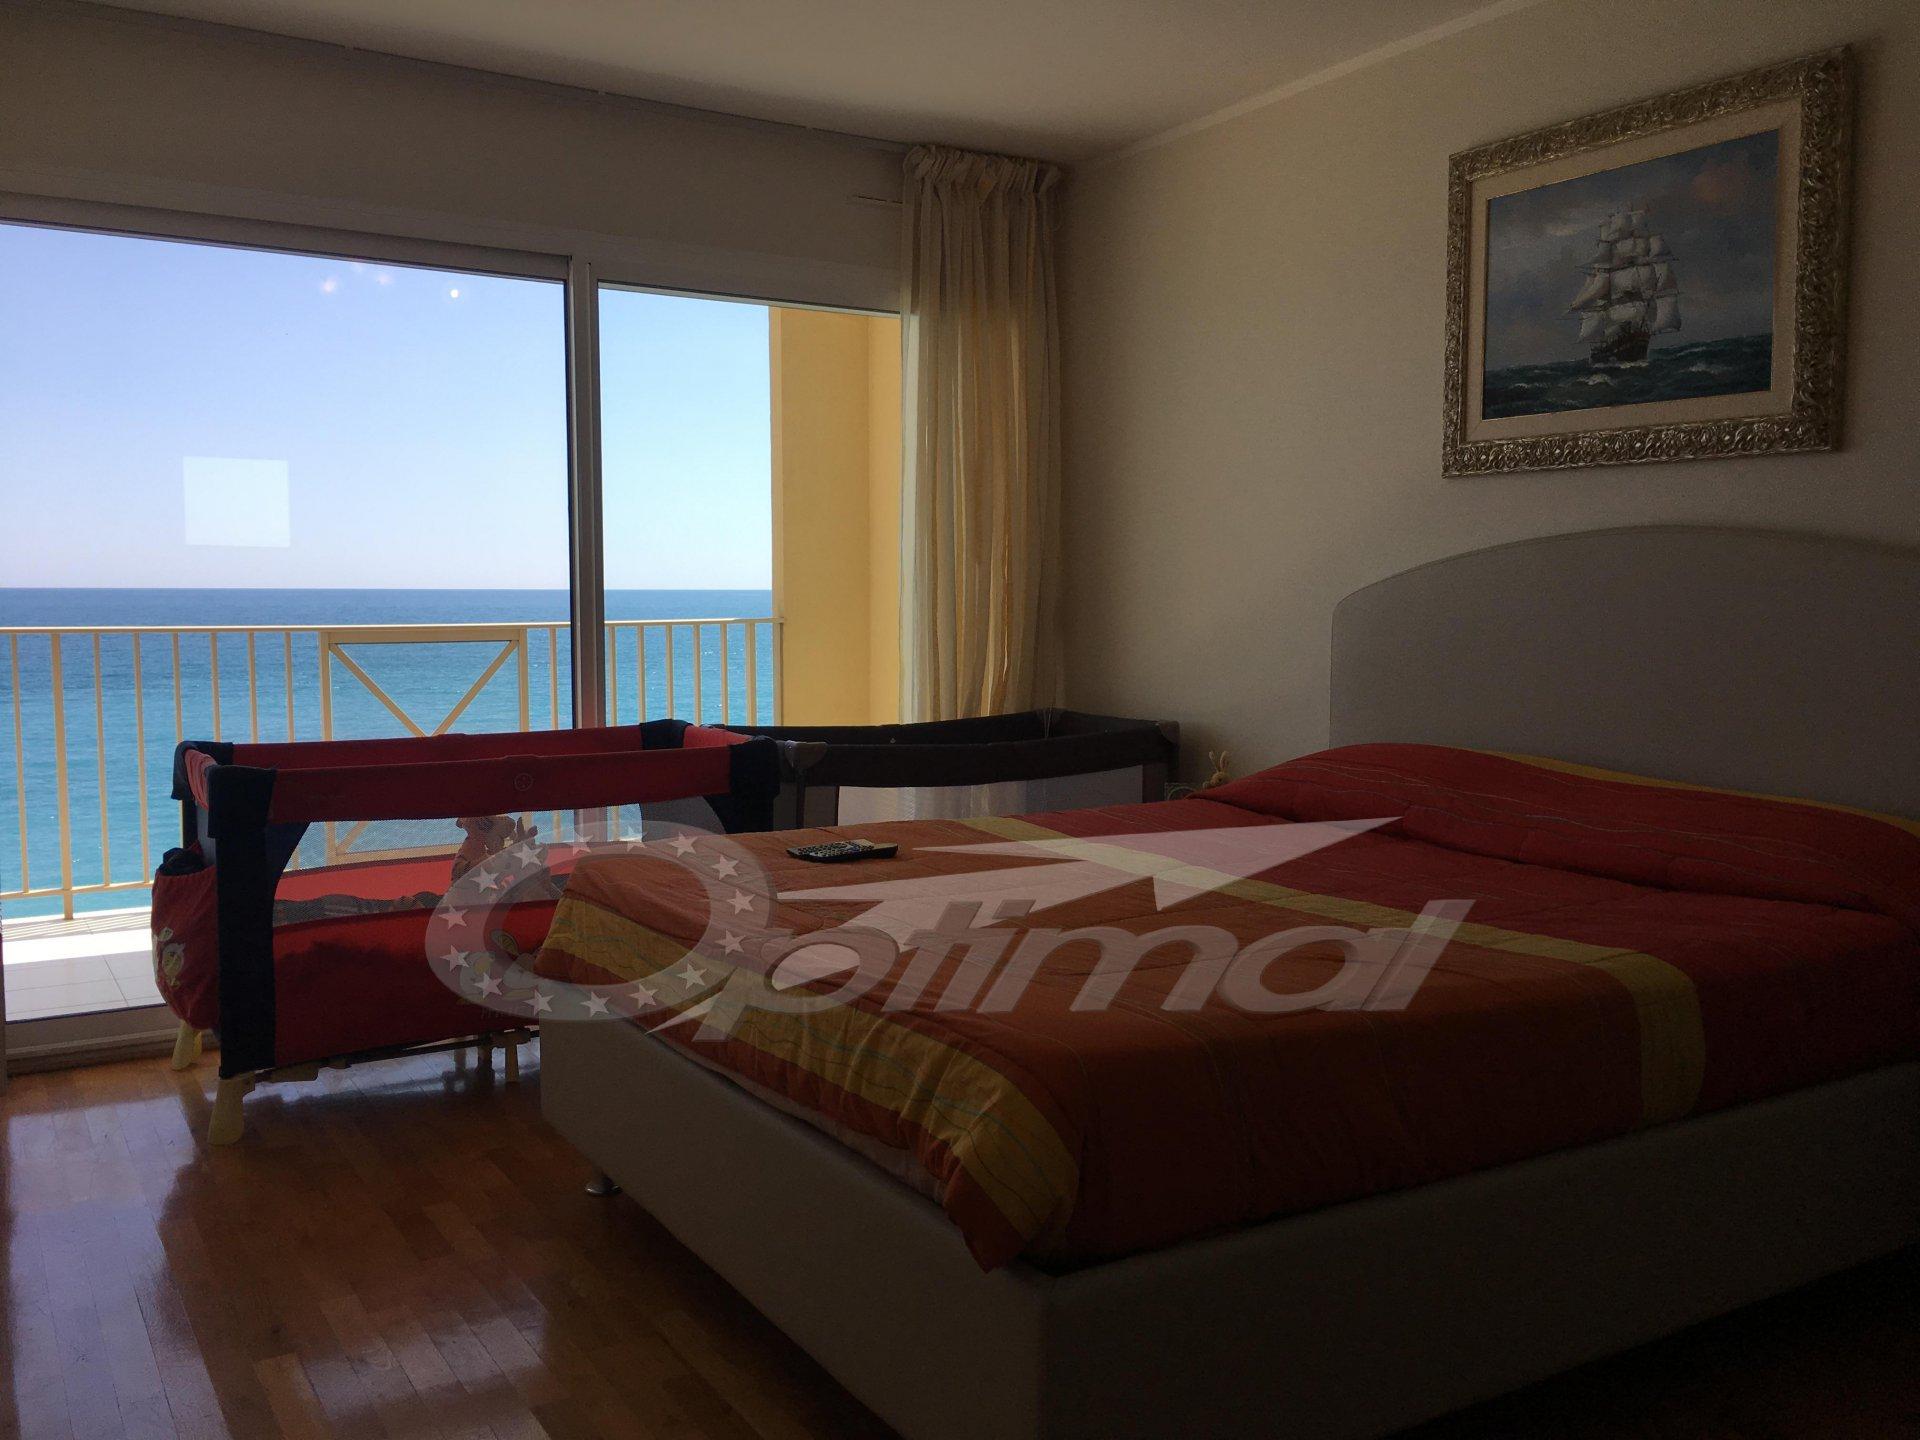 Menton 5 P 144m2 + 108m2 terrasses face à la mer